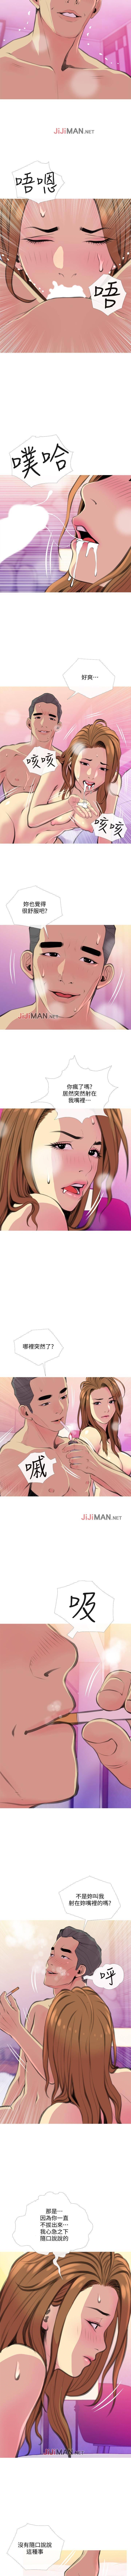 【周五连载】主妇危机(作者:查爾斯&漢水) 第1~26话 111